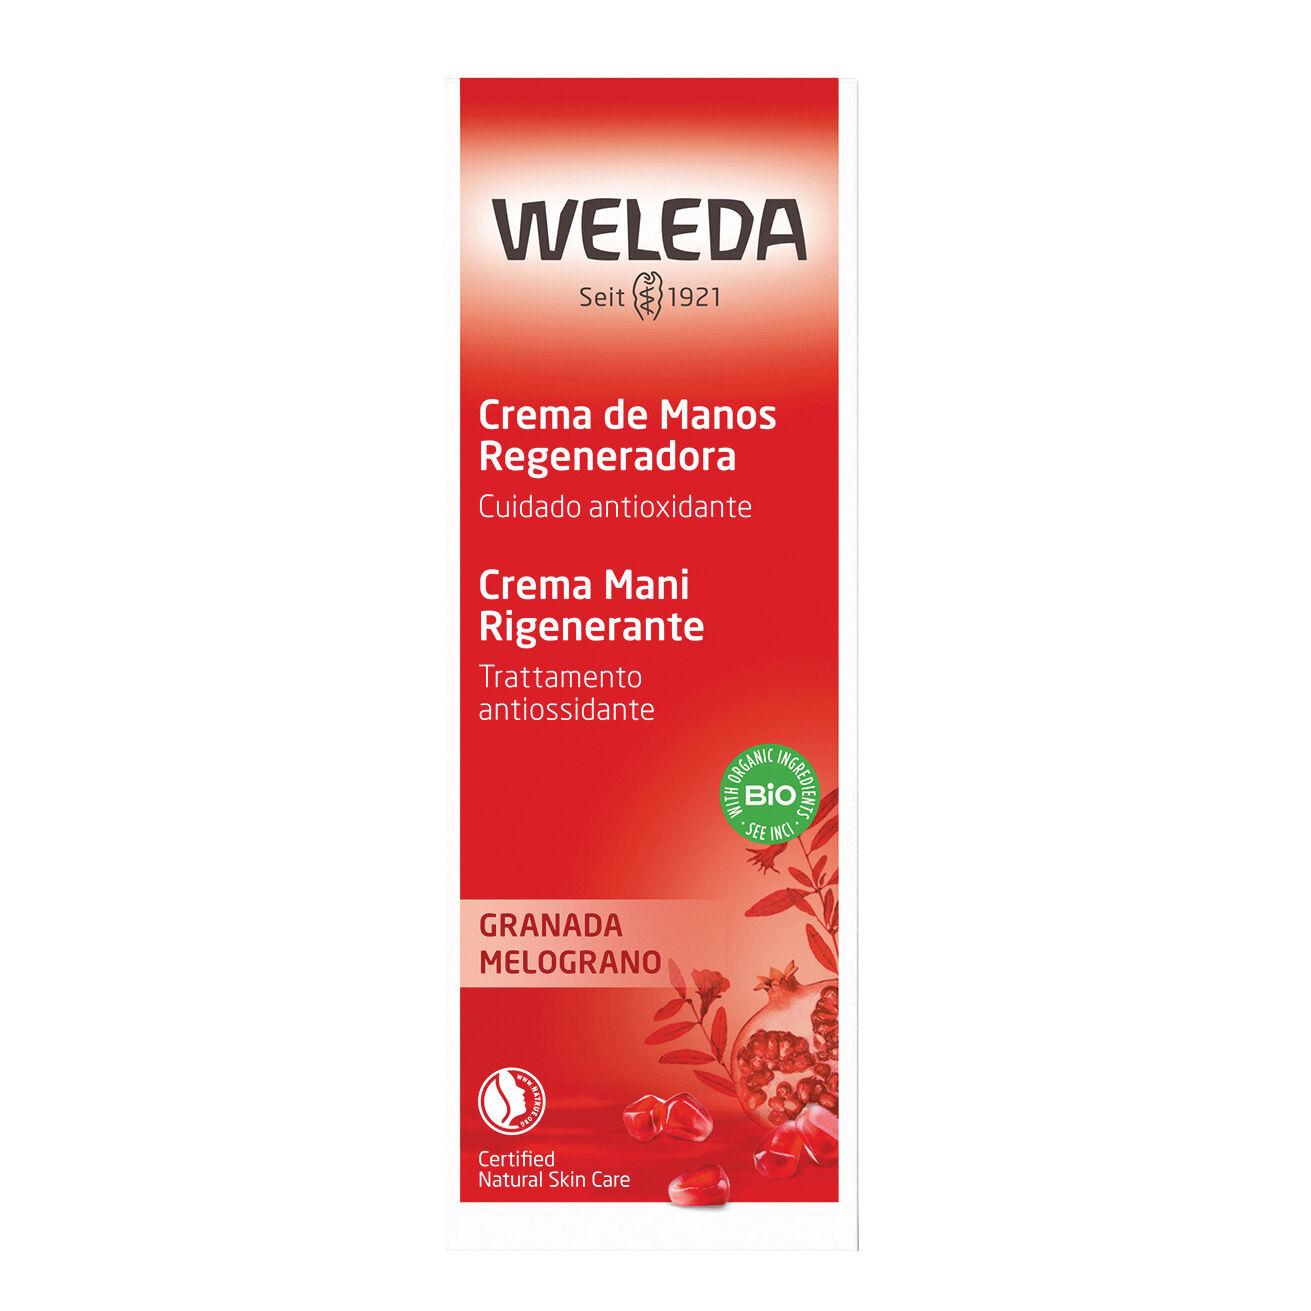 weleda crema mani rigenerante melograno 50ml